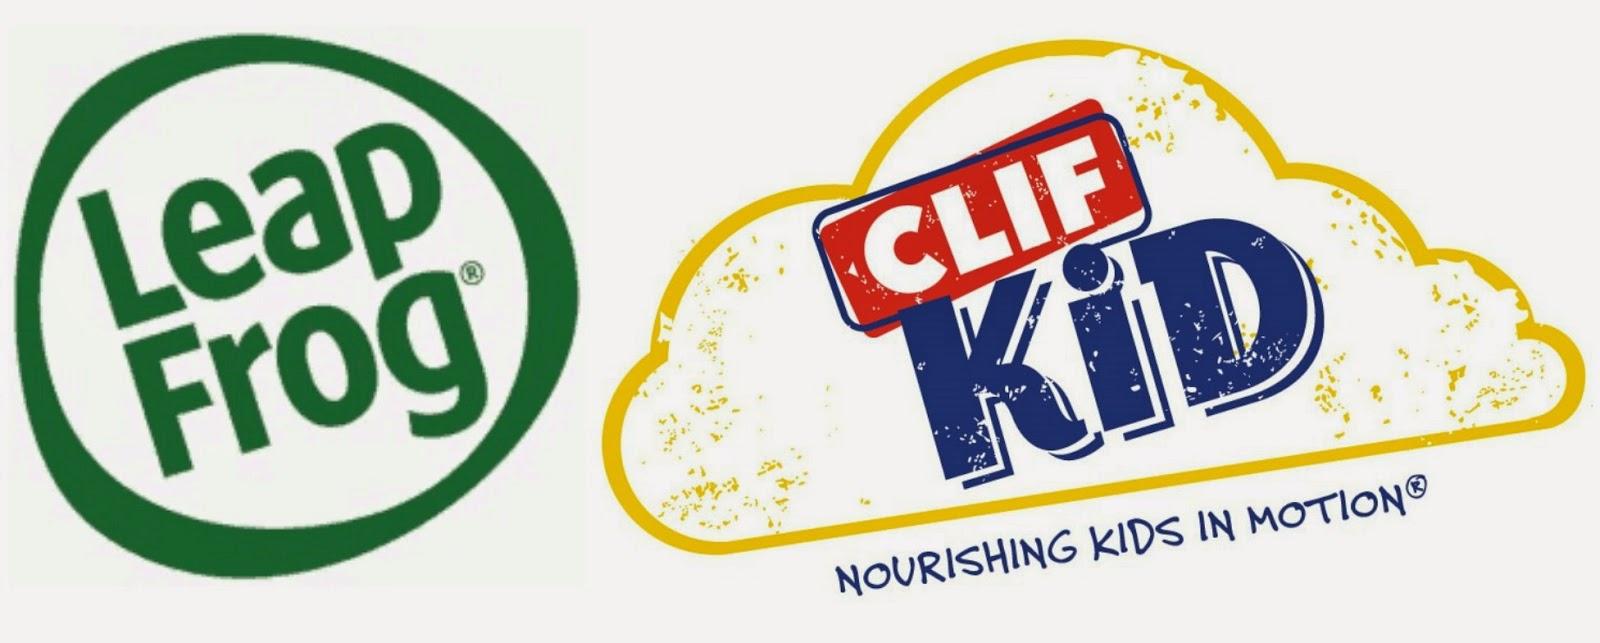 LeapFrog CLIF Kid logo